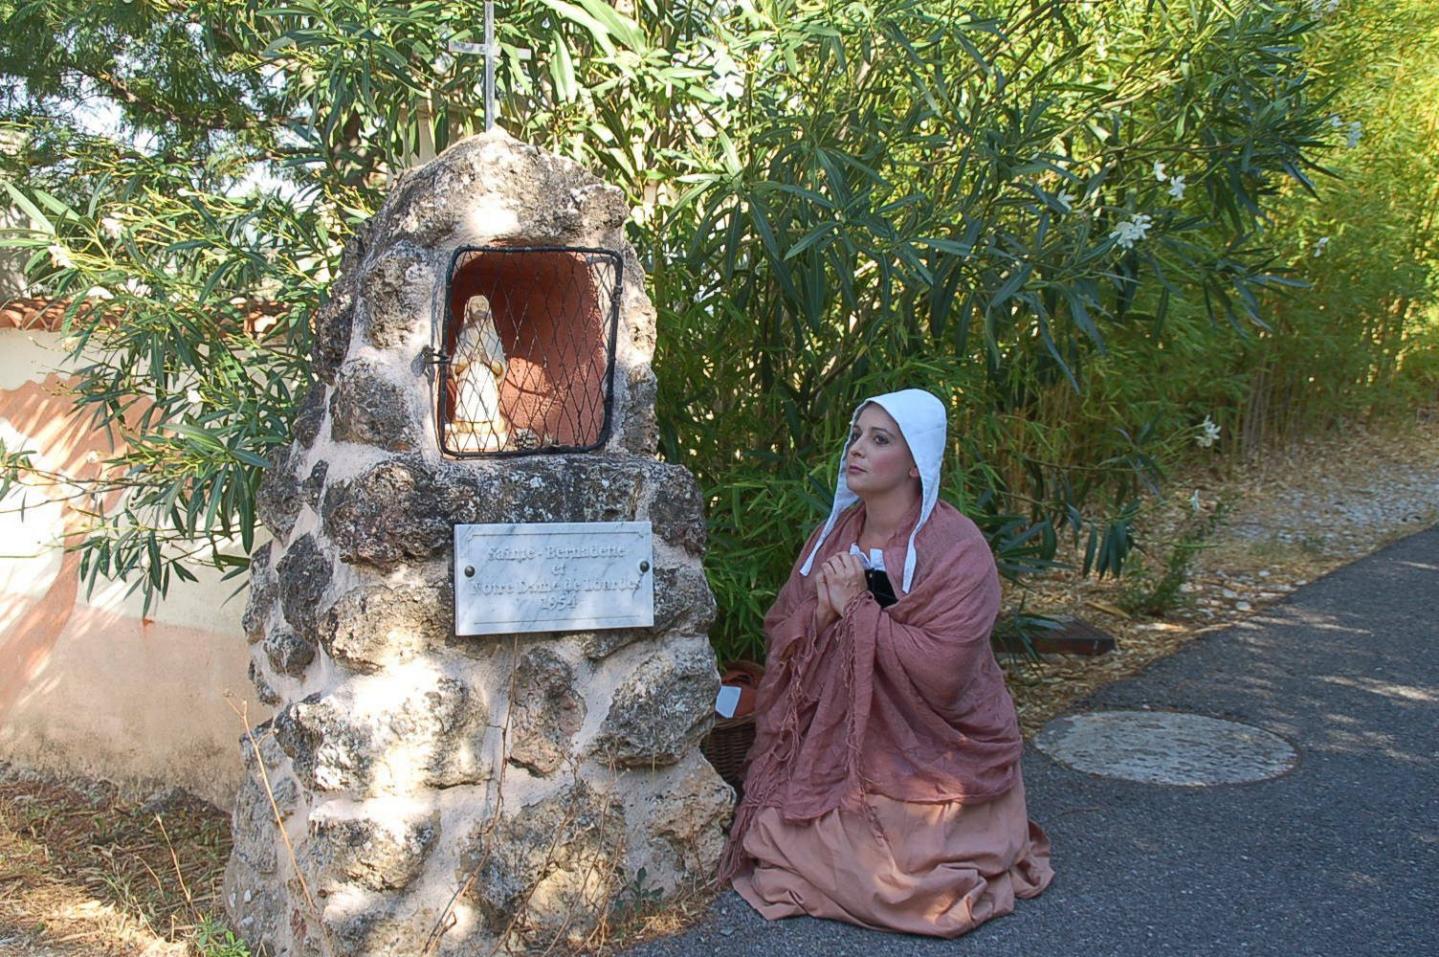 Fervente prière devant l'édifice dédié à Bernadette et Notre-Dame de Lourdes.